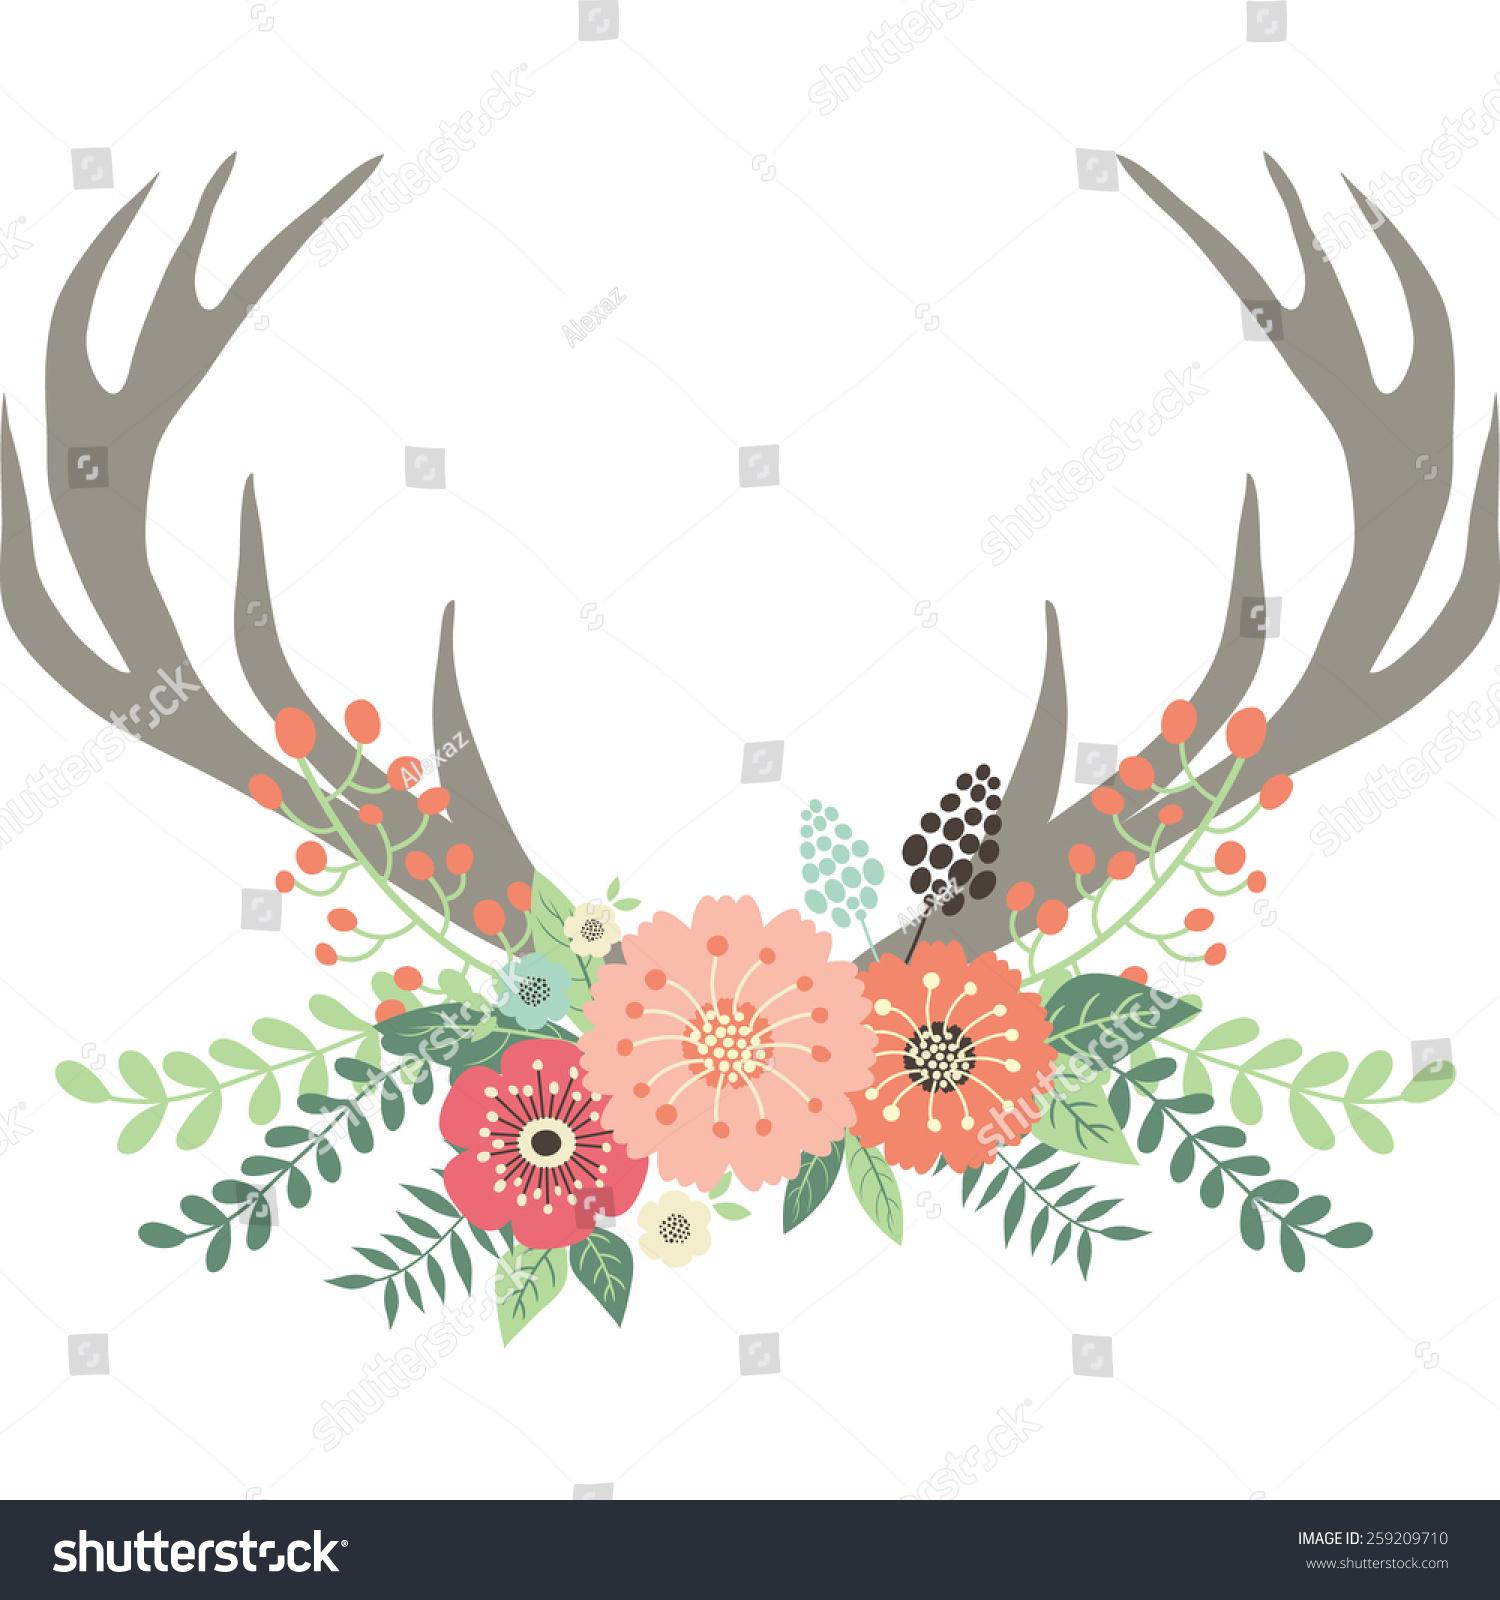 Deer Antlers Flowers Stock Vector 259209710 - Shutterstock